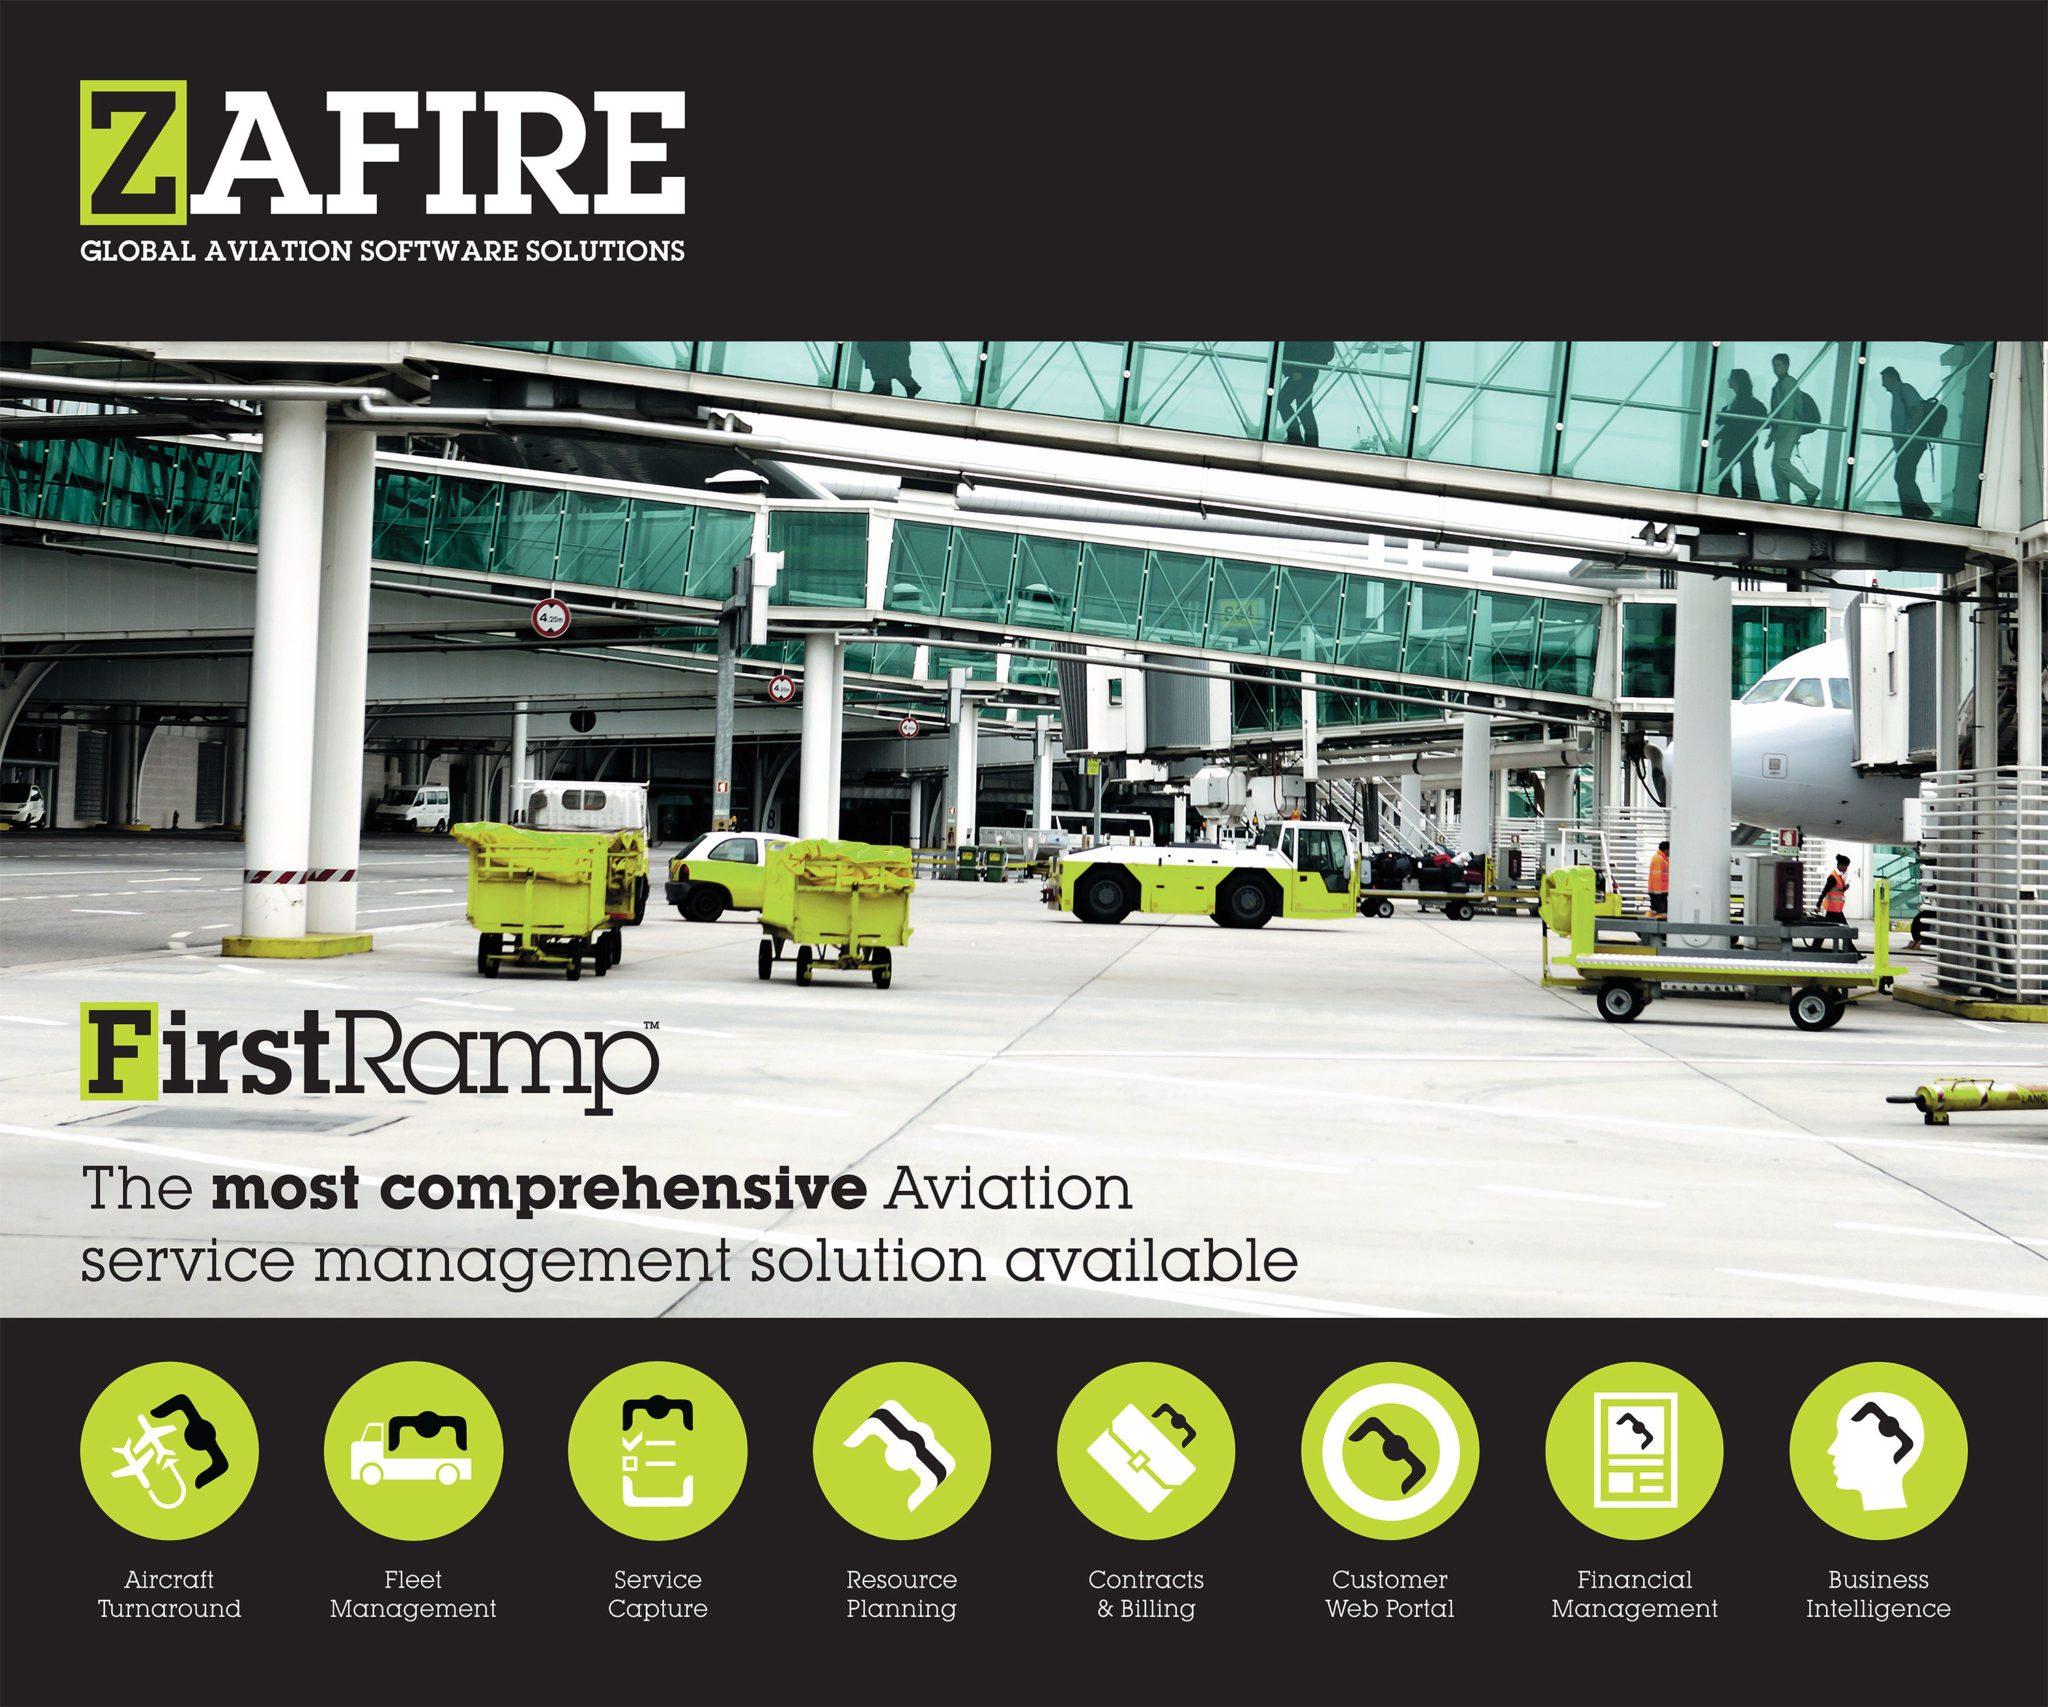 Zafire Ltd